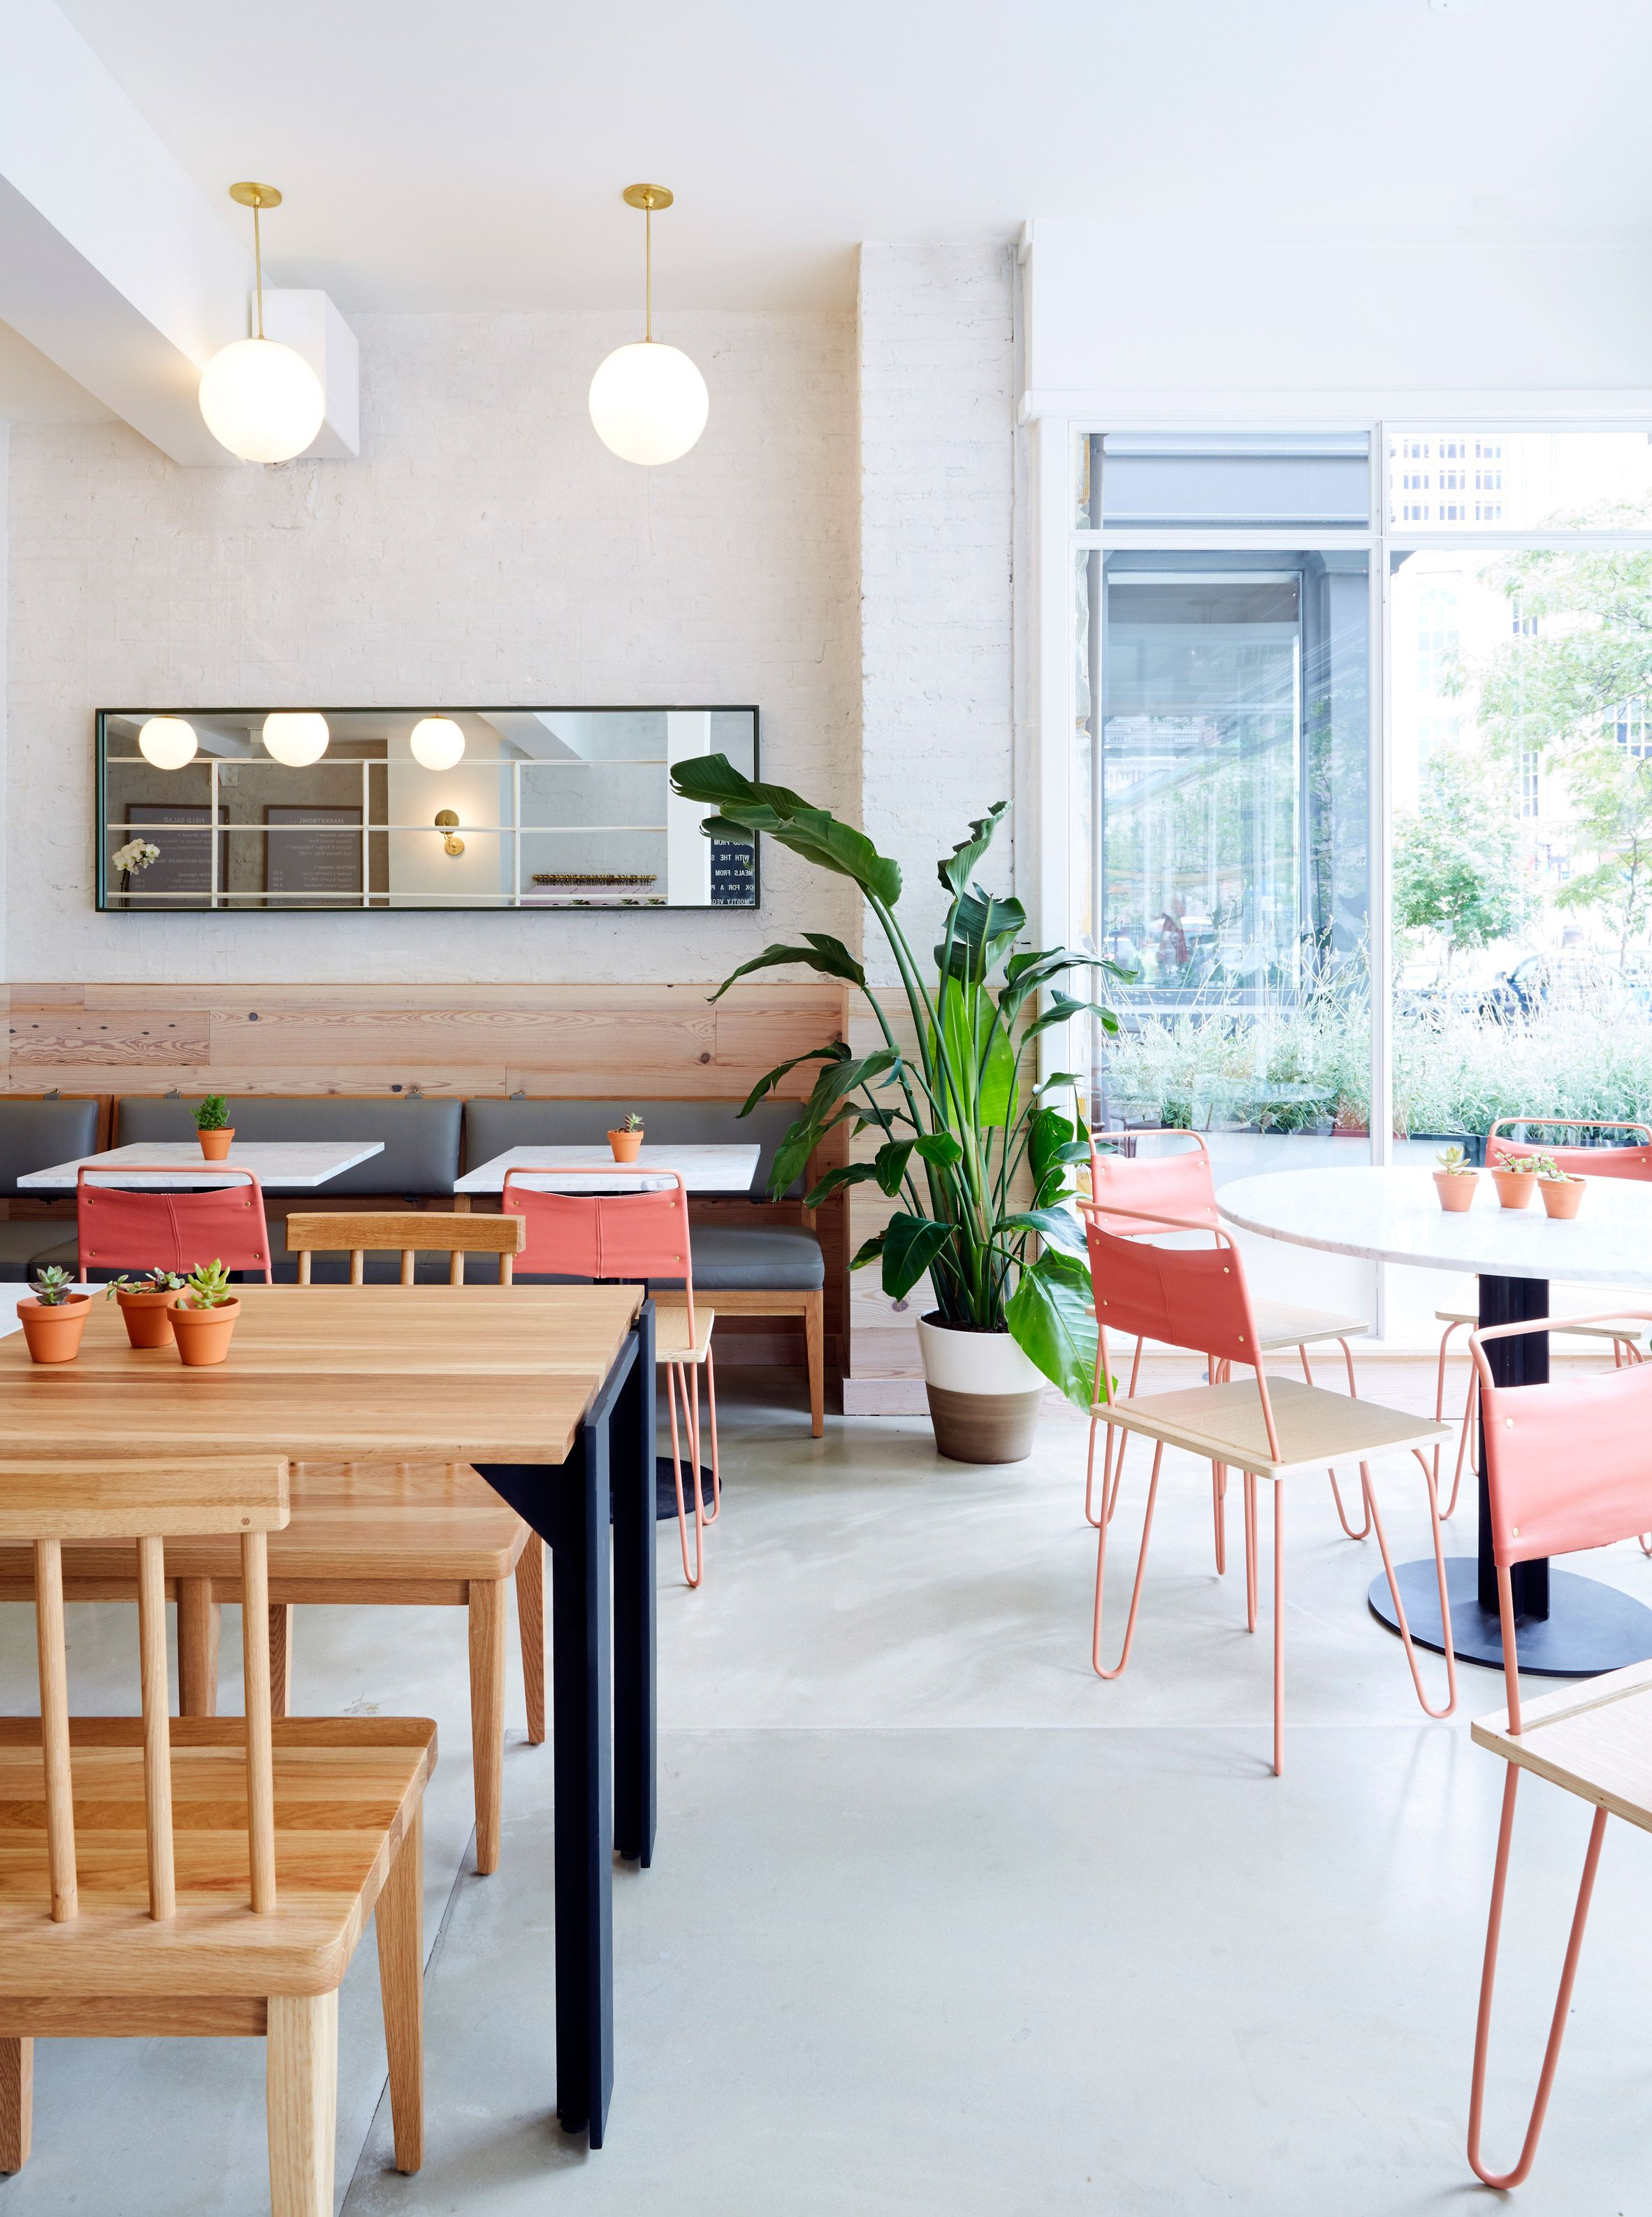 Dig inn boston interior by ash nyc kitchen design restaurant